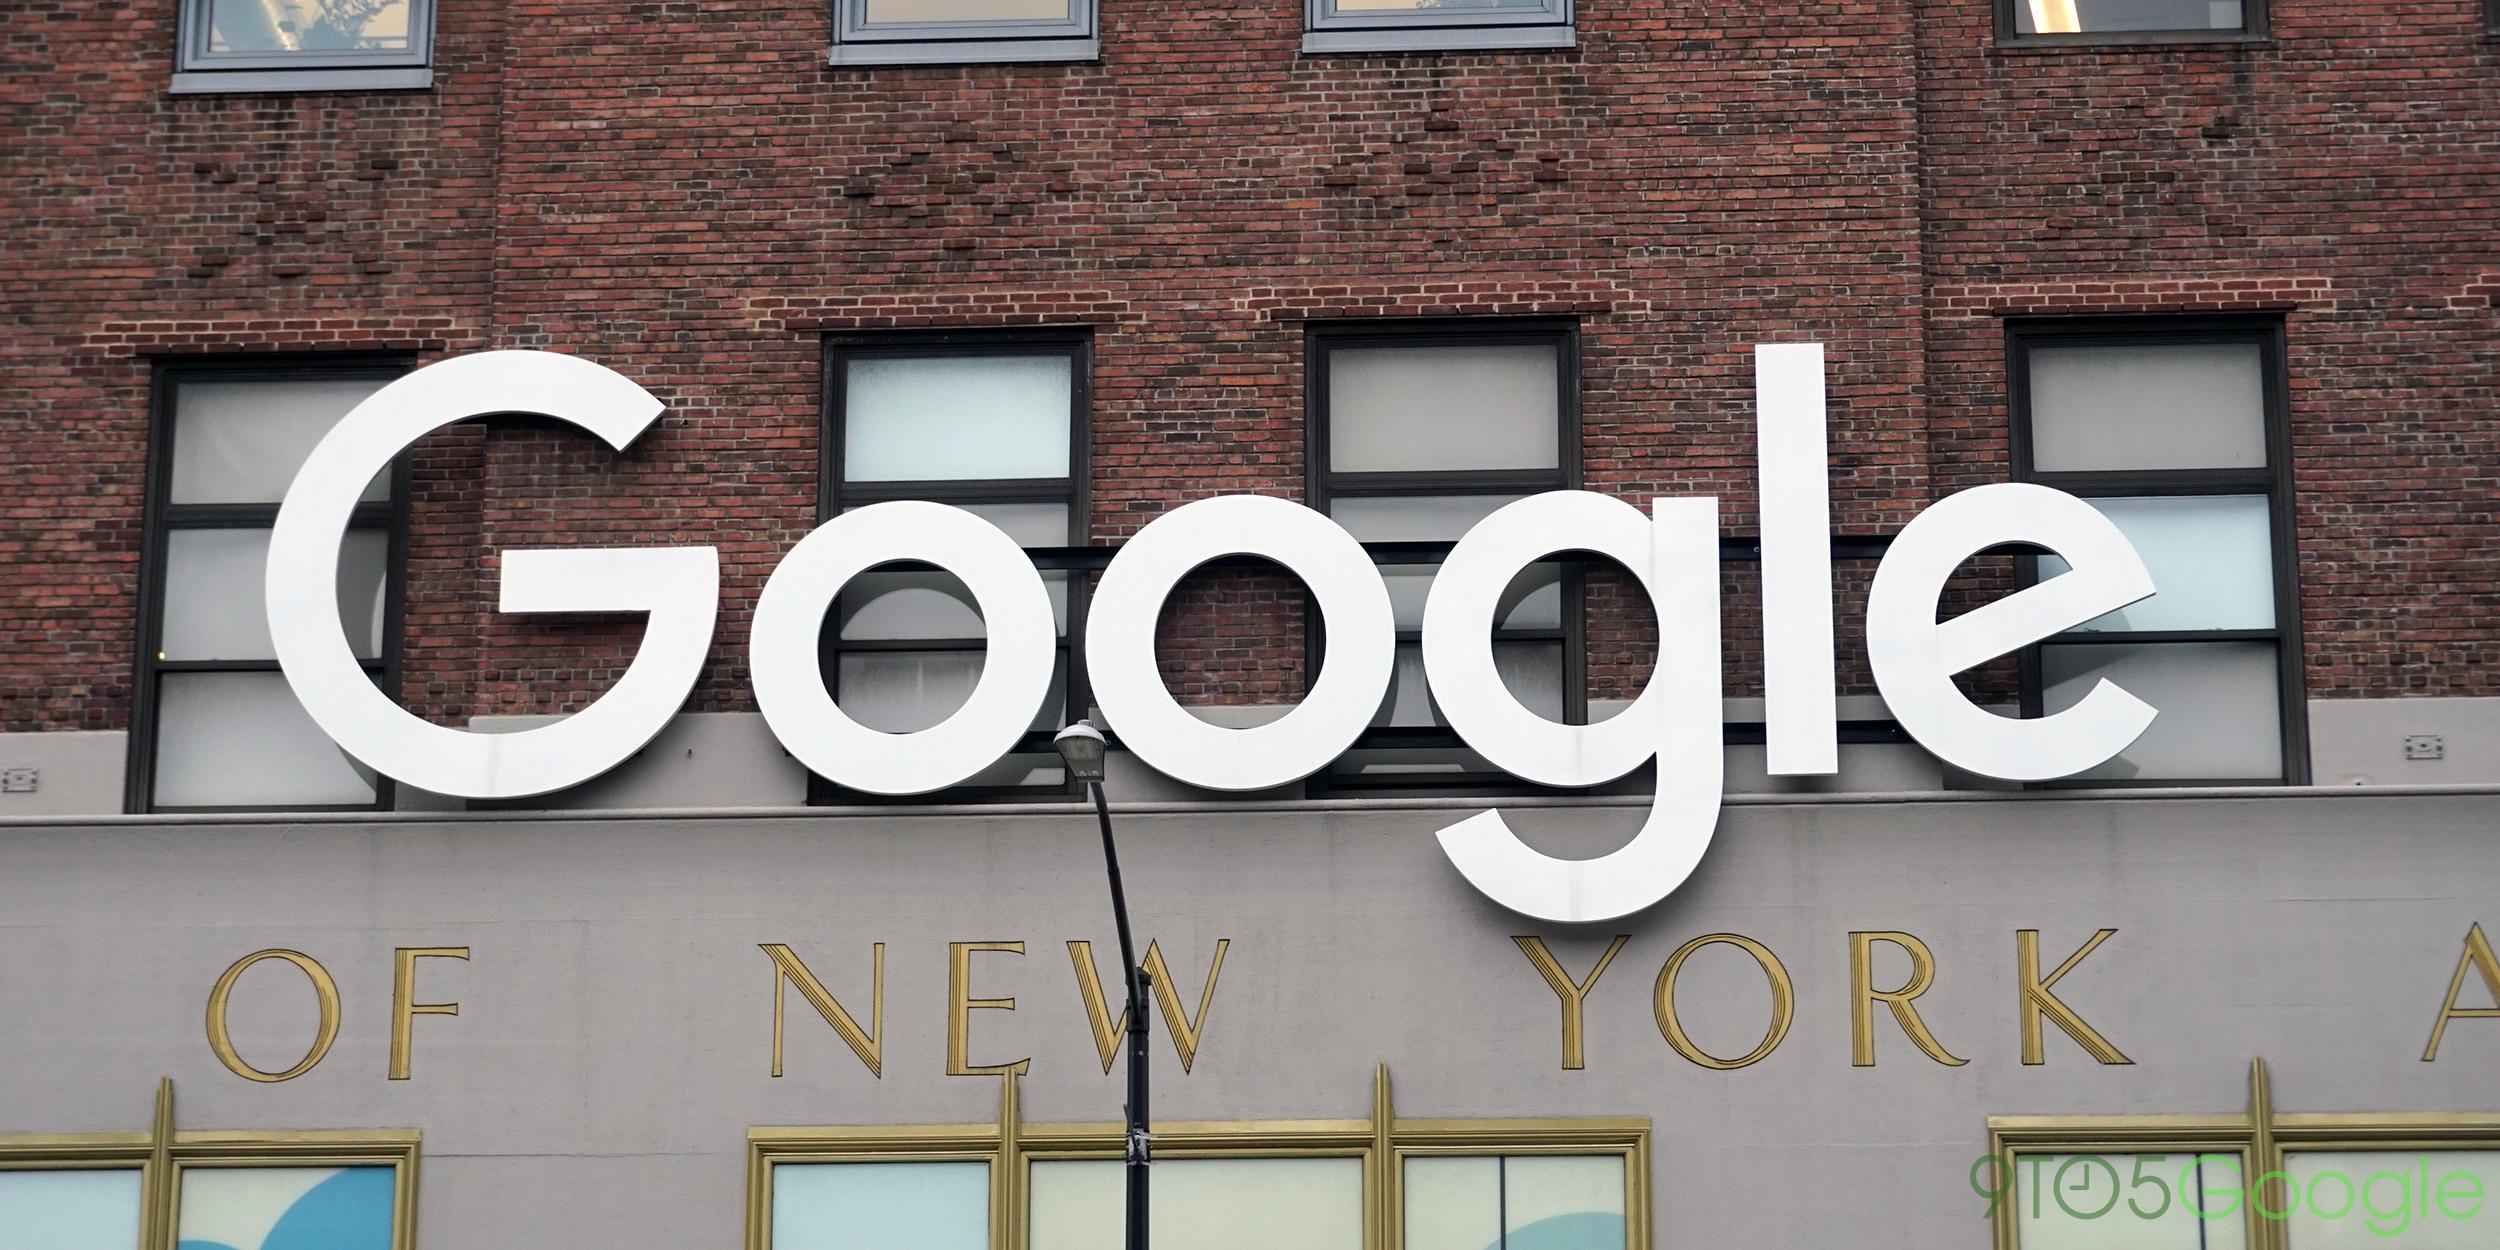 Mit dem neuen Google.org-Stipendium können Googlers sechs Monate lang für die Pro-Bono-Arbeit arbeiten